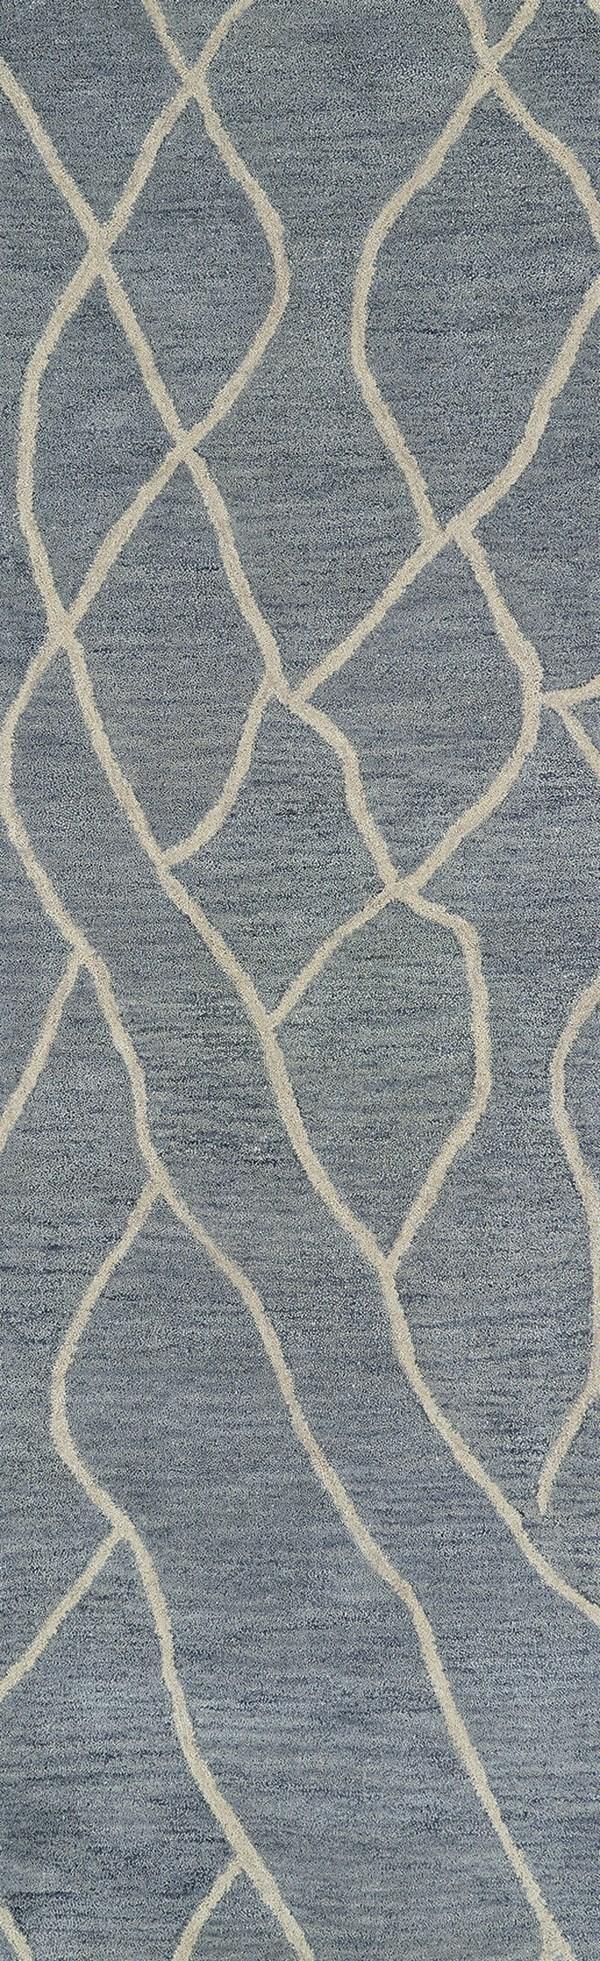 Greyish Blue, Ivory (75) Southwestern / Lodge Area Rug